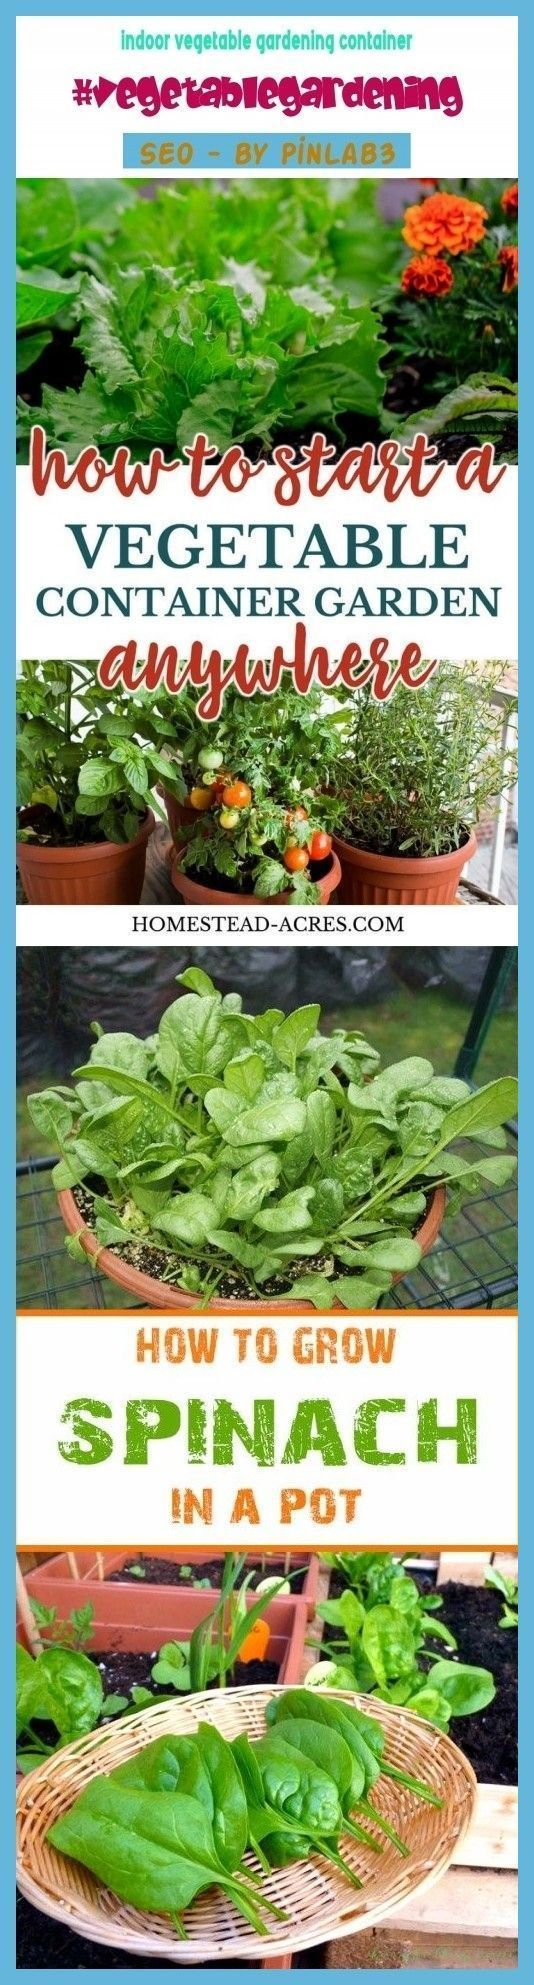 Indoor Gemüsegarten Behälter #indoor #vegetable #Garten #container #i ...-   G...#behälter #container #garten #gemüsegarten #indoor #vegetable